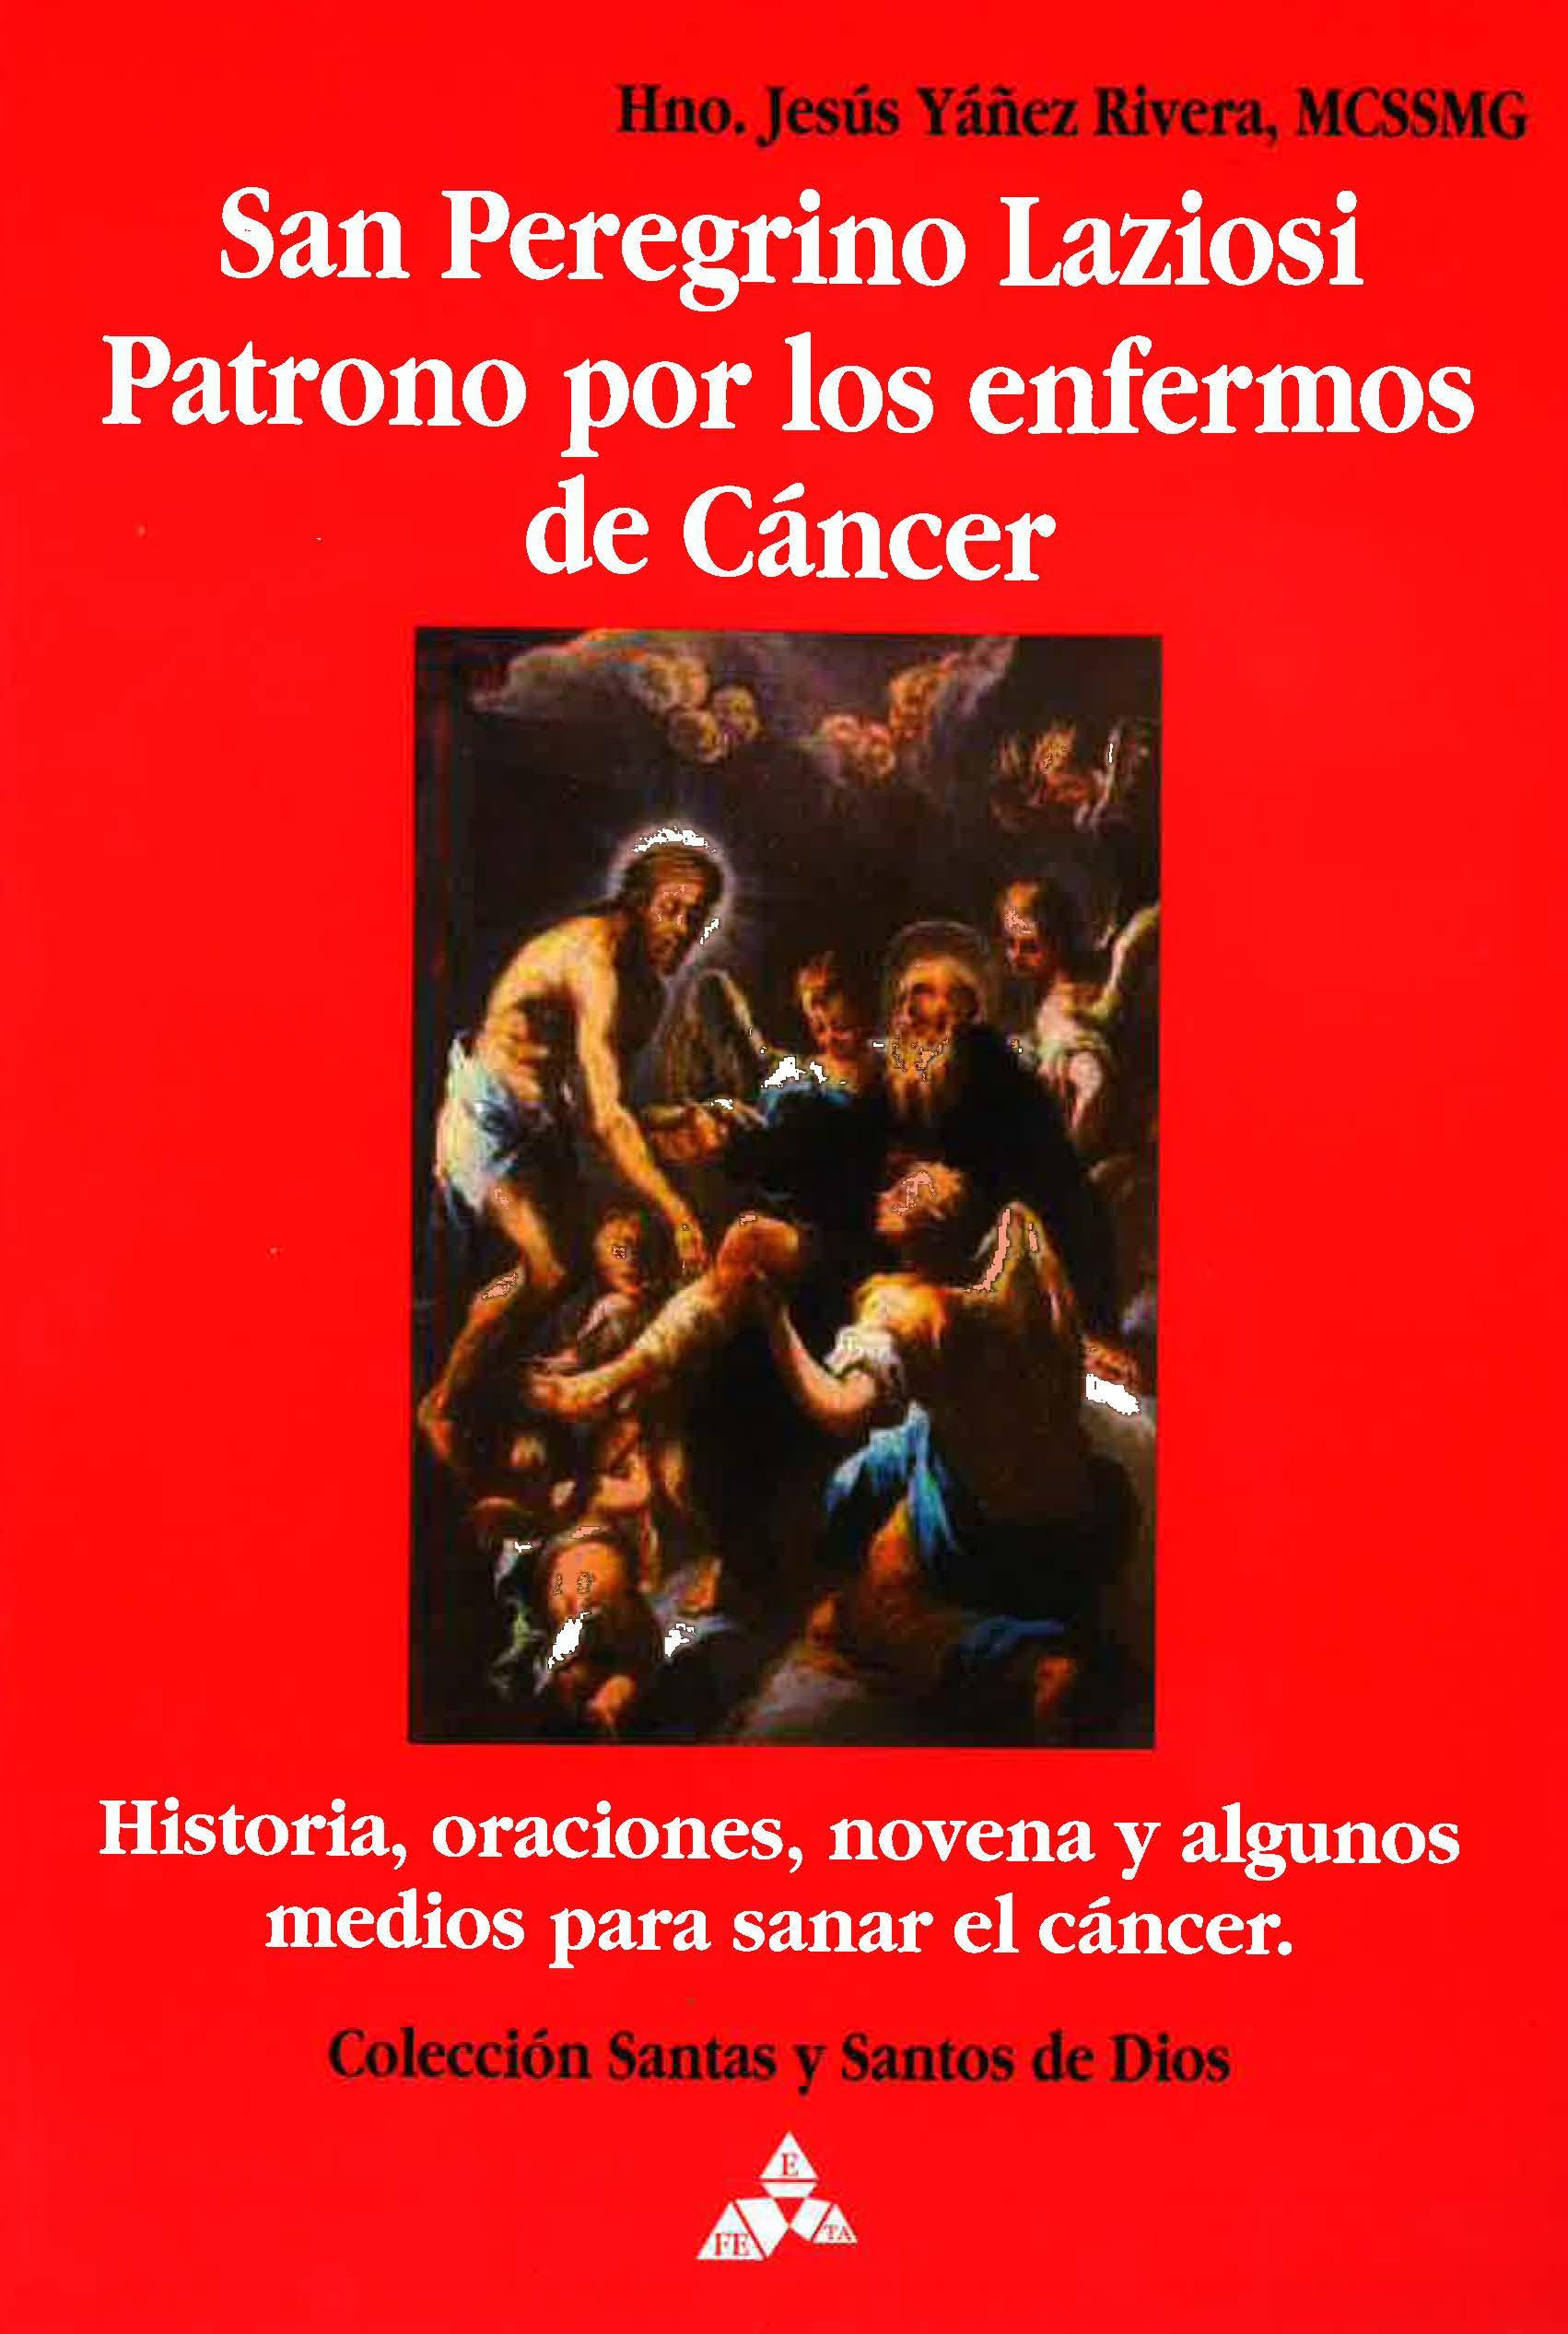 San Peregrino Laziosi Patrono por los enfermos de Cáncer